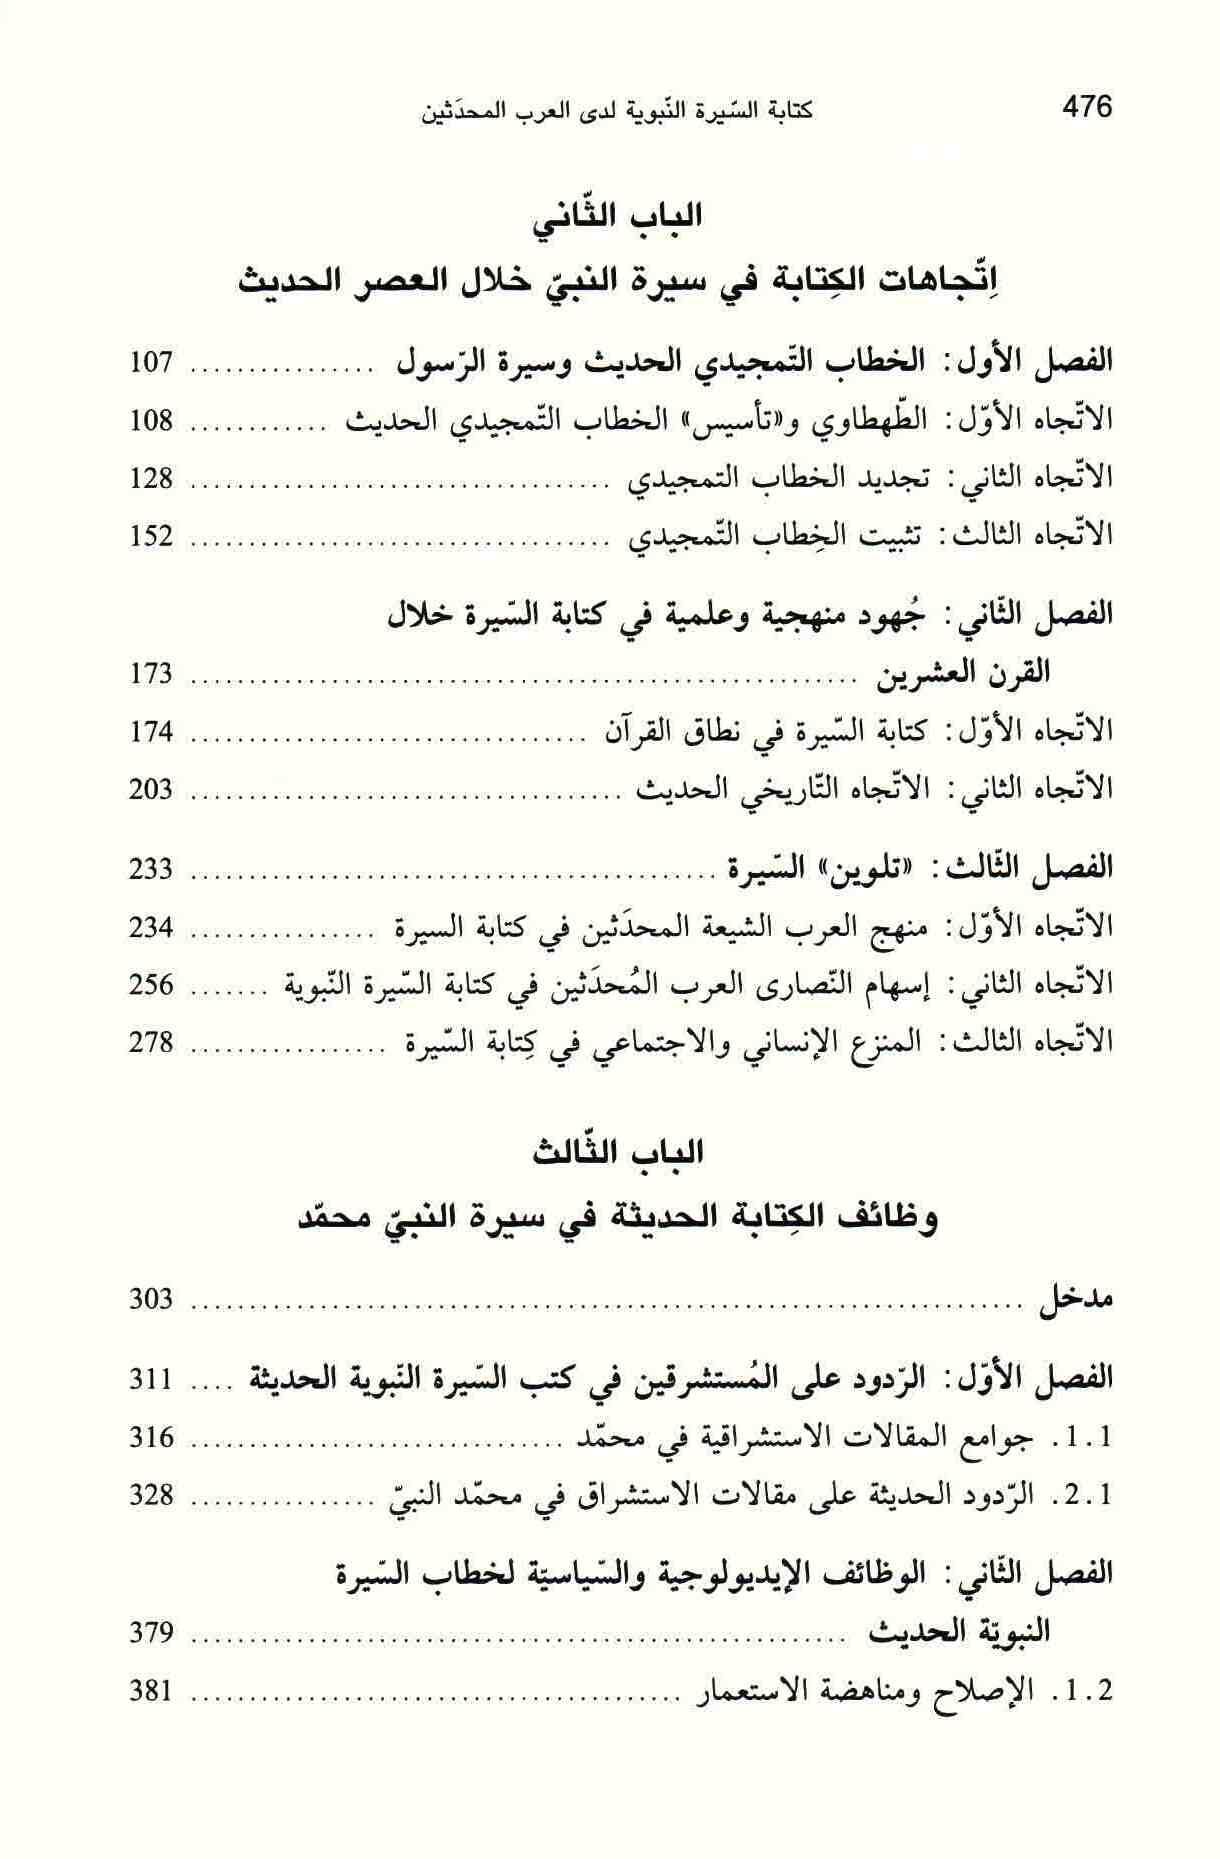 ص476 محتويات كتابة السيرة النبوية